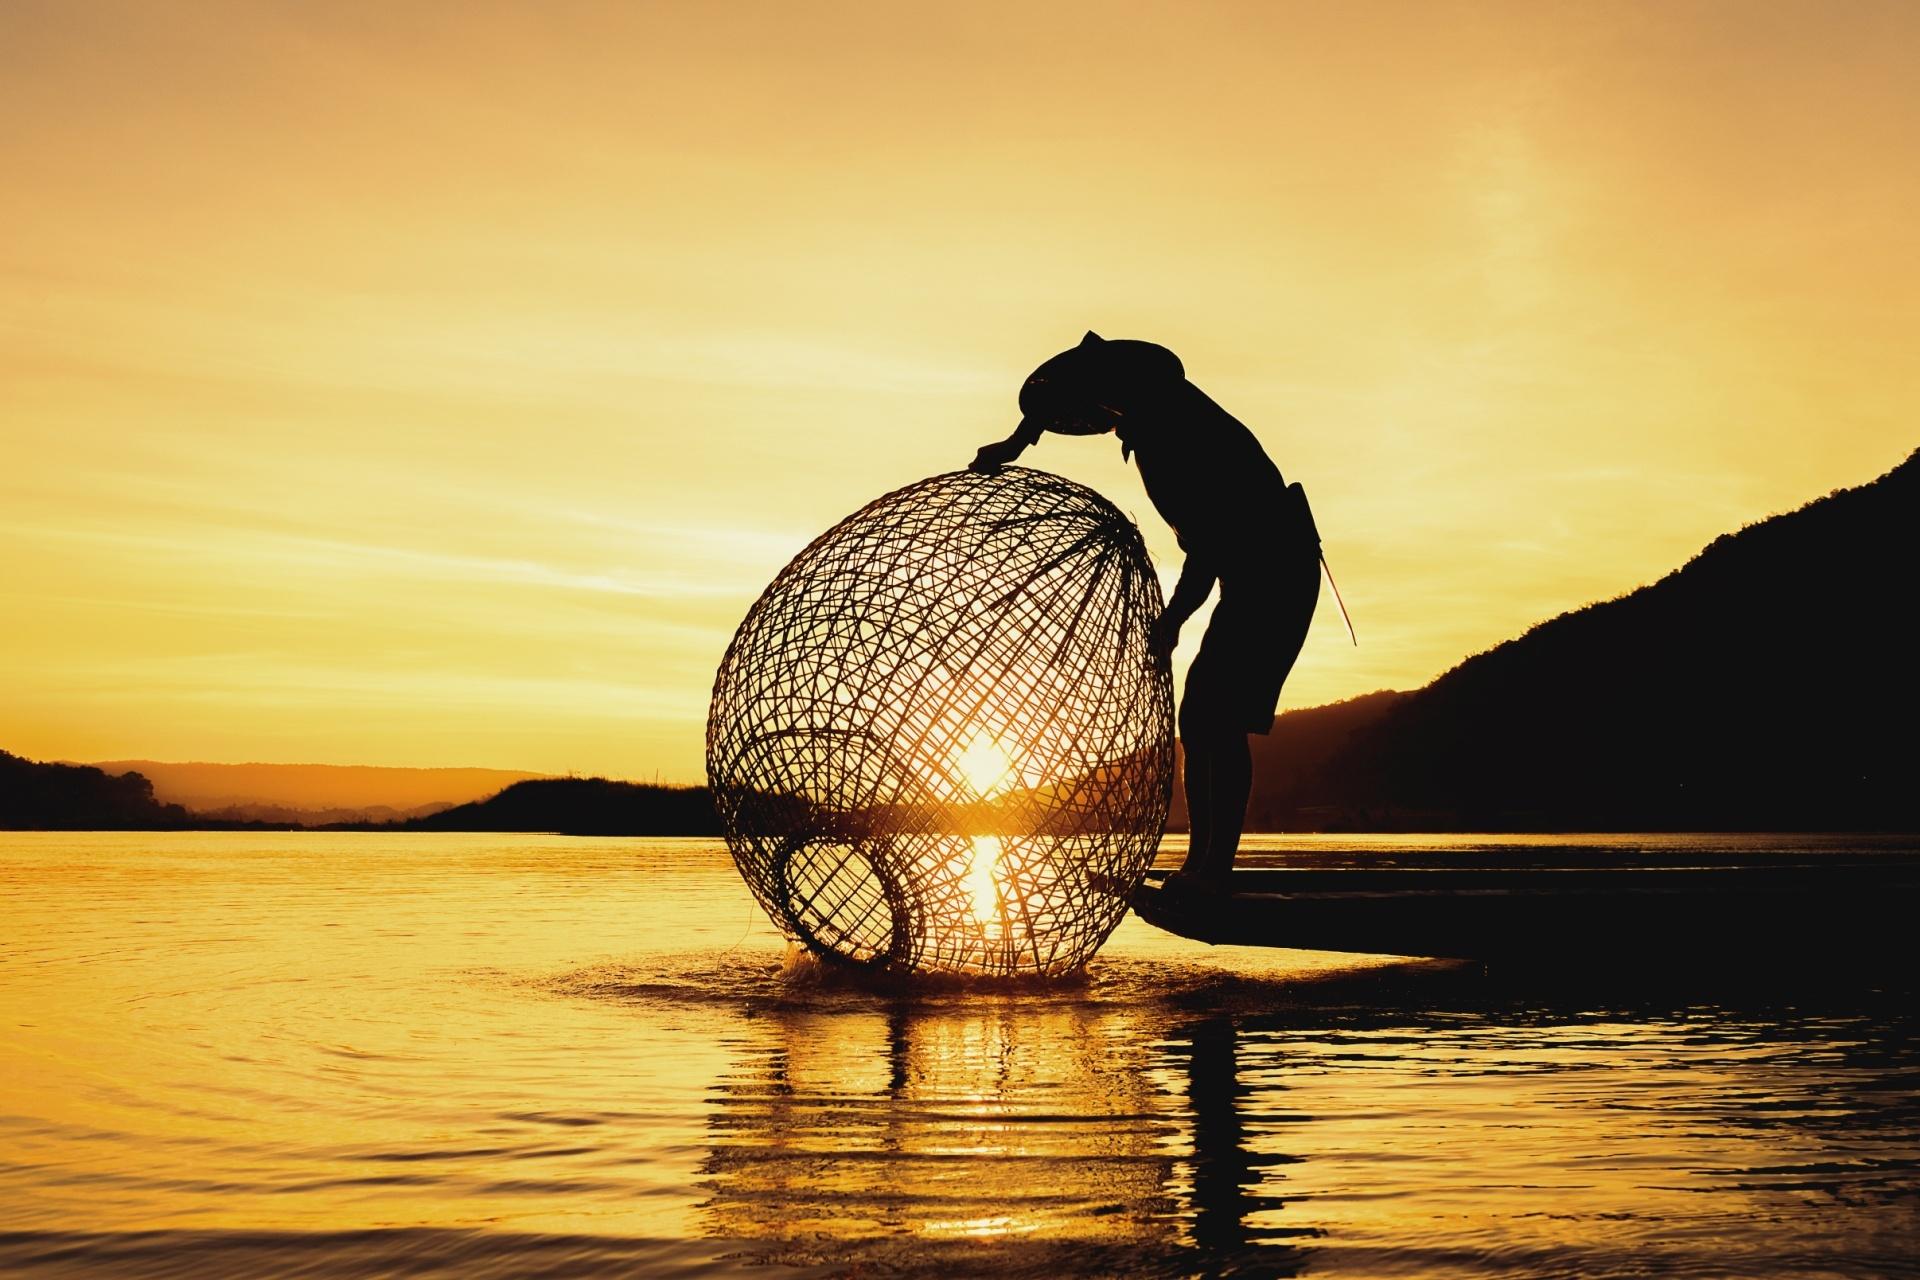 メコン川と朝日と漁師